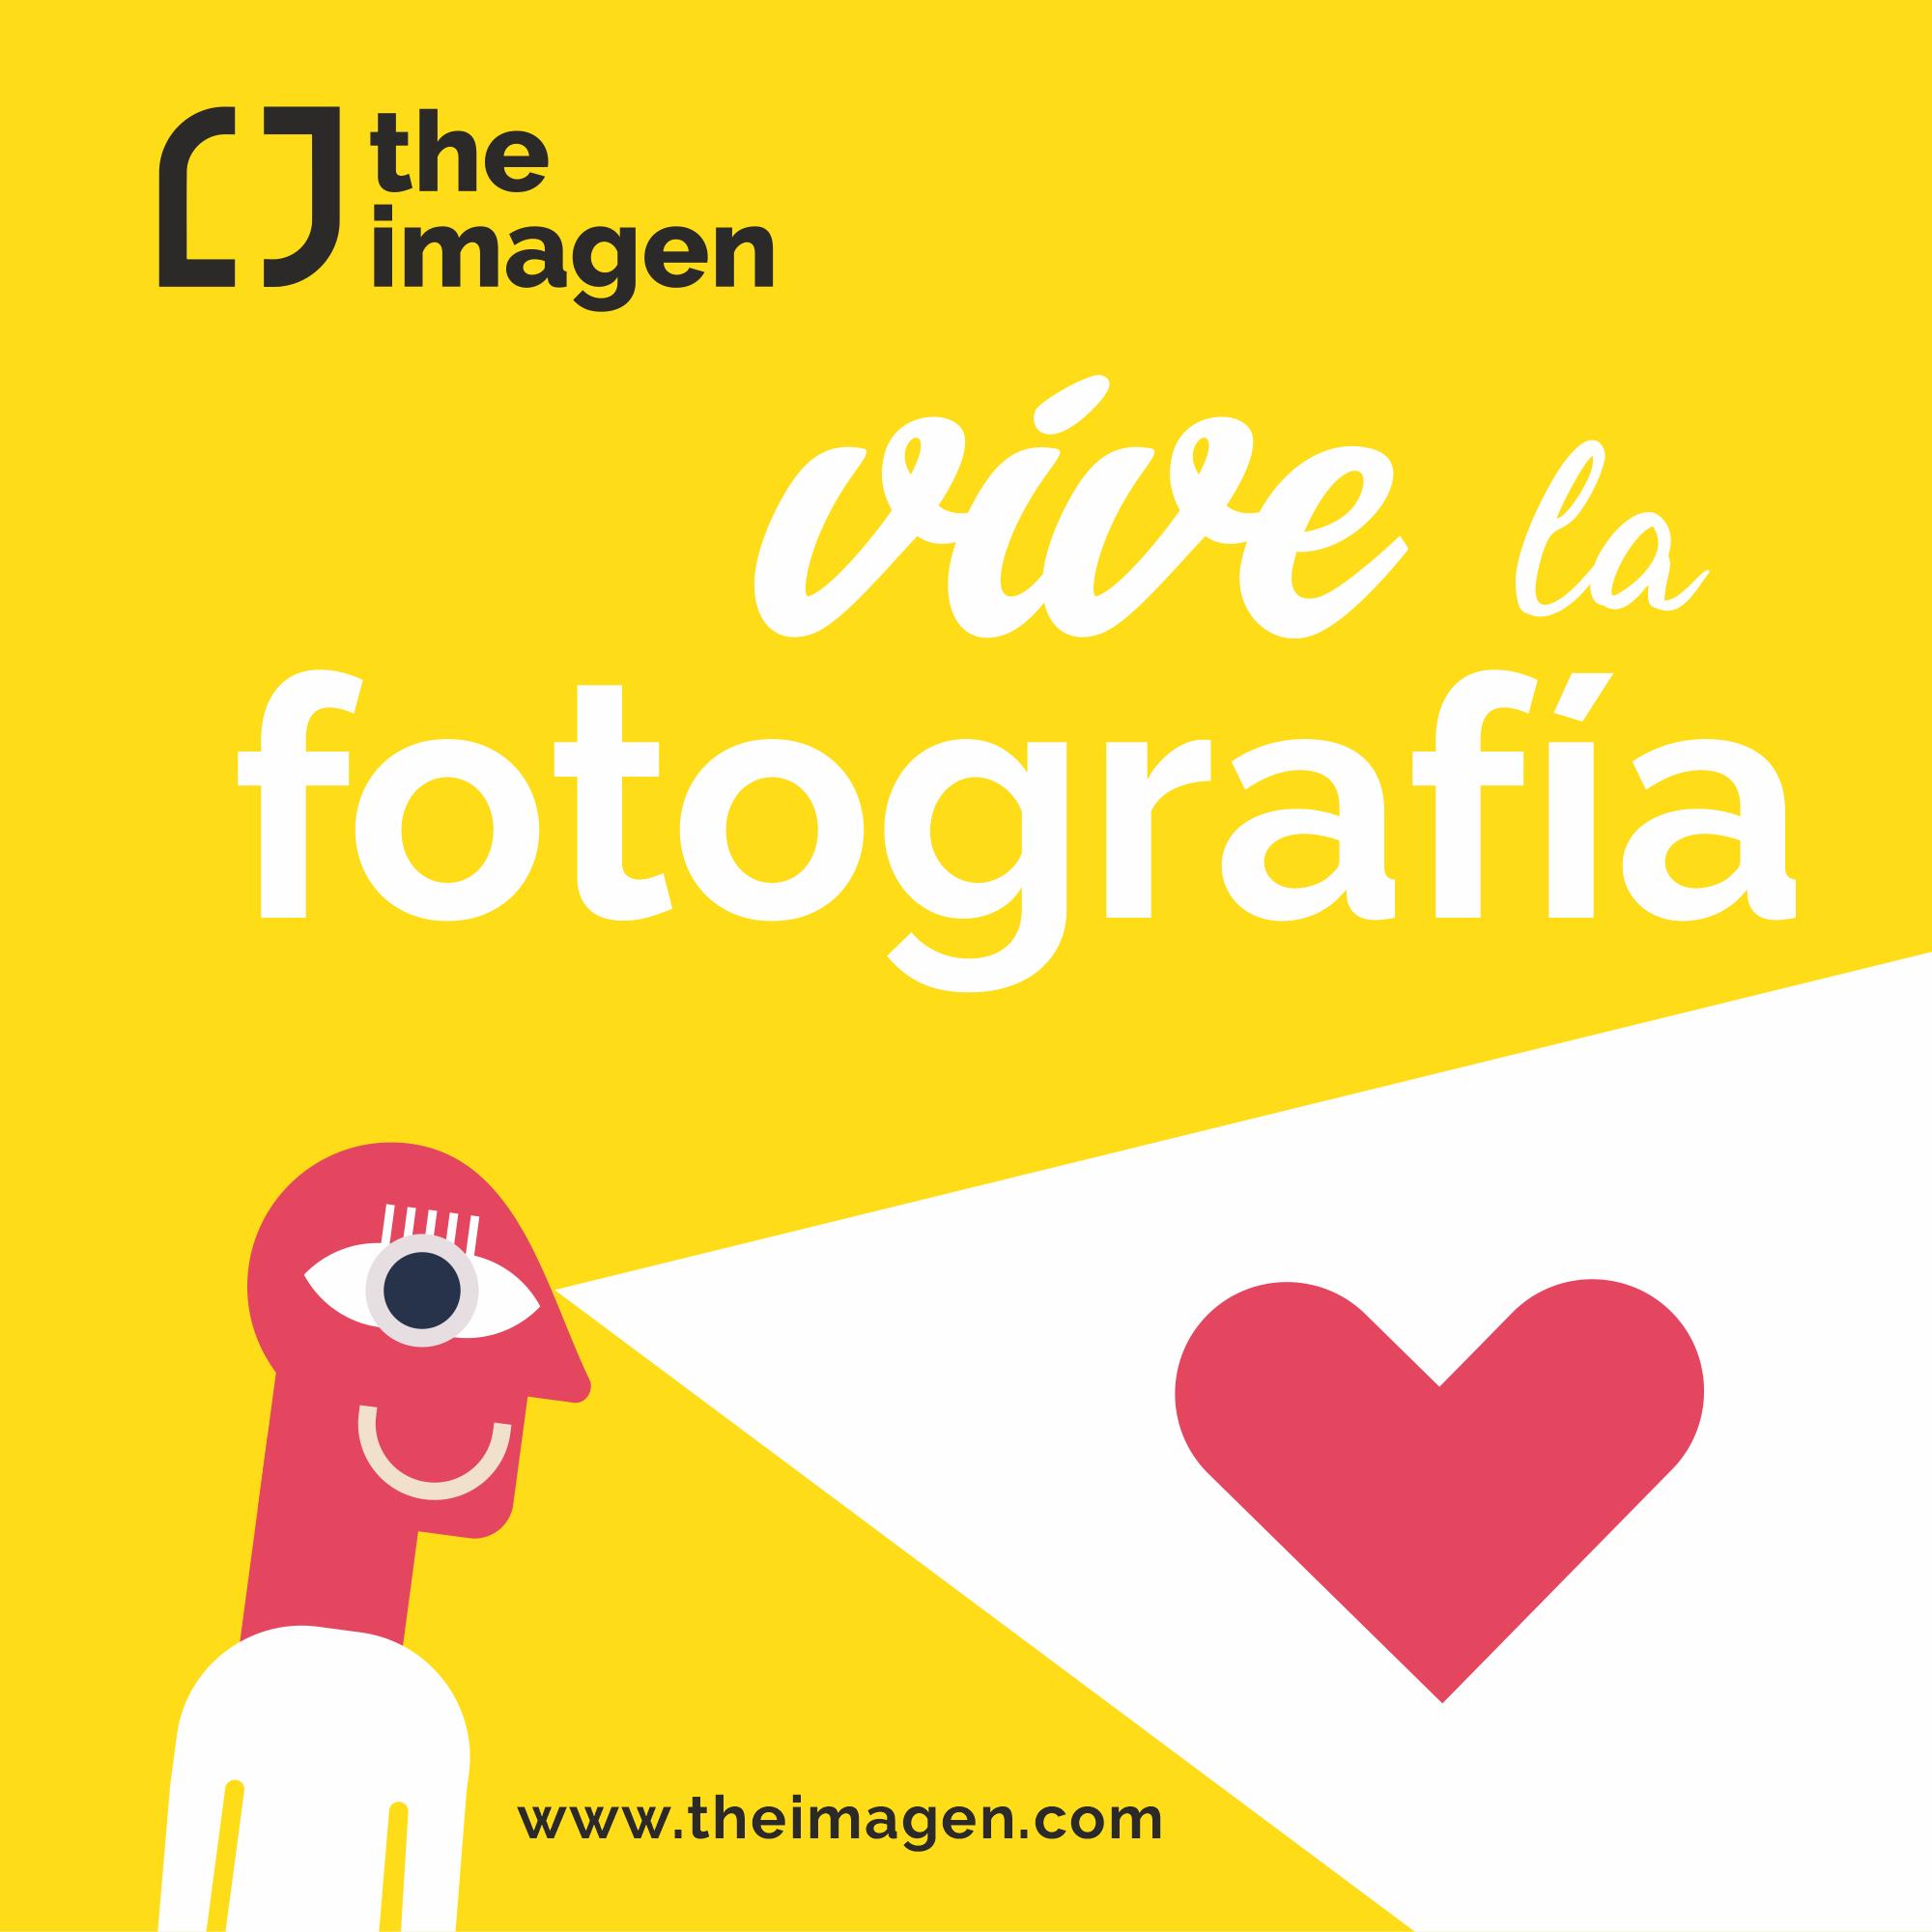 182. 5 Fotografías para crecer en 2021 show art